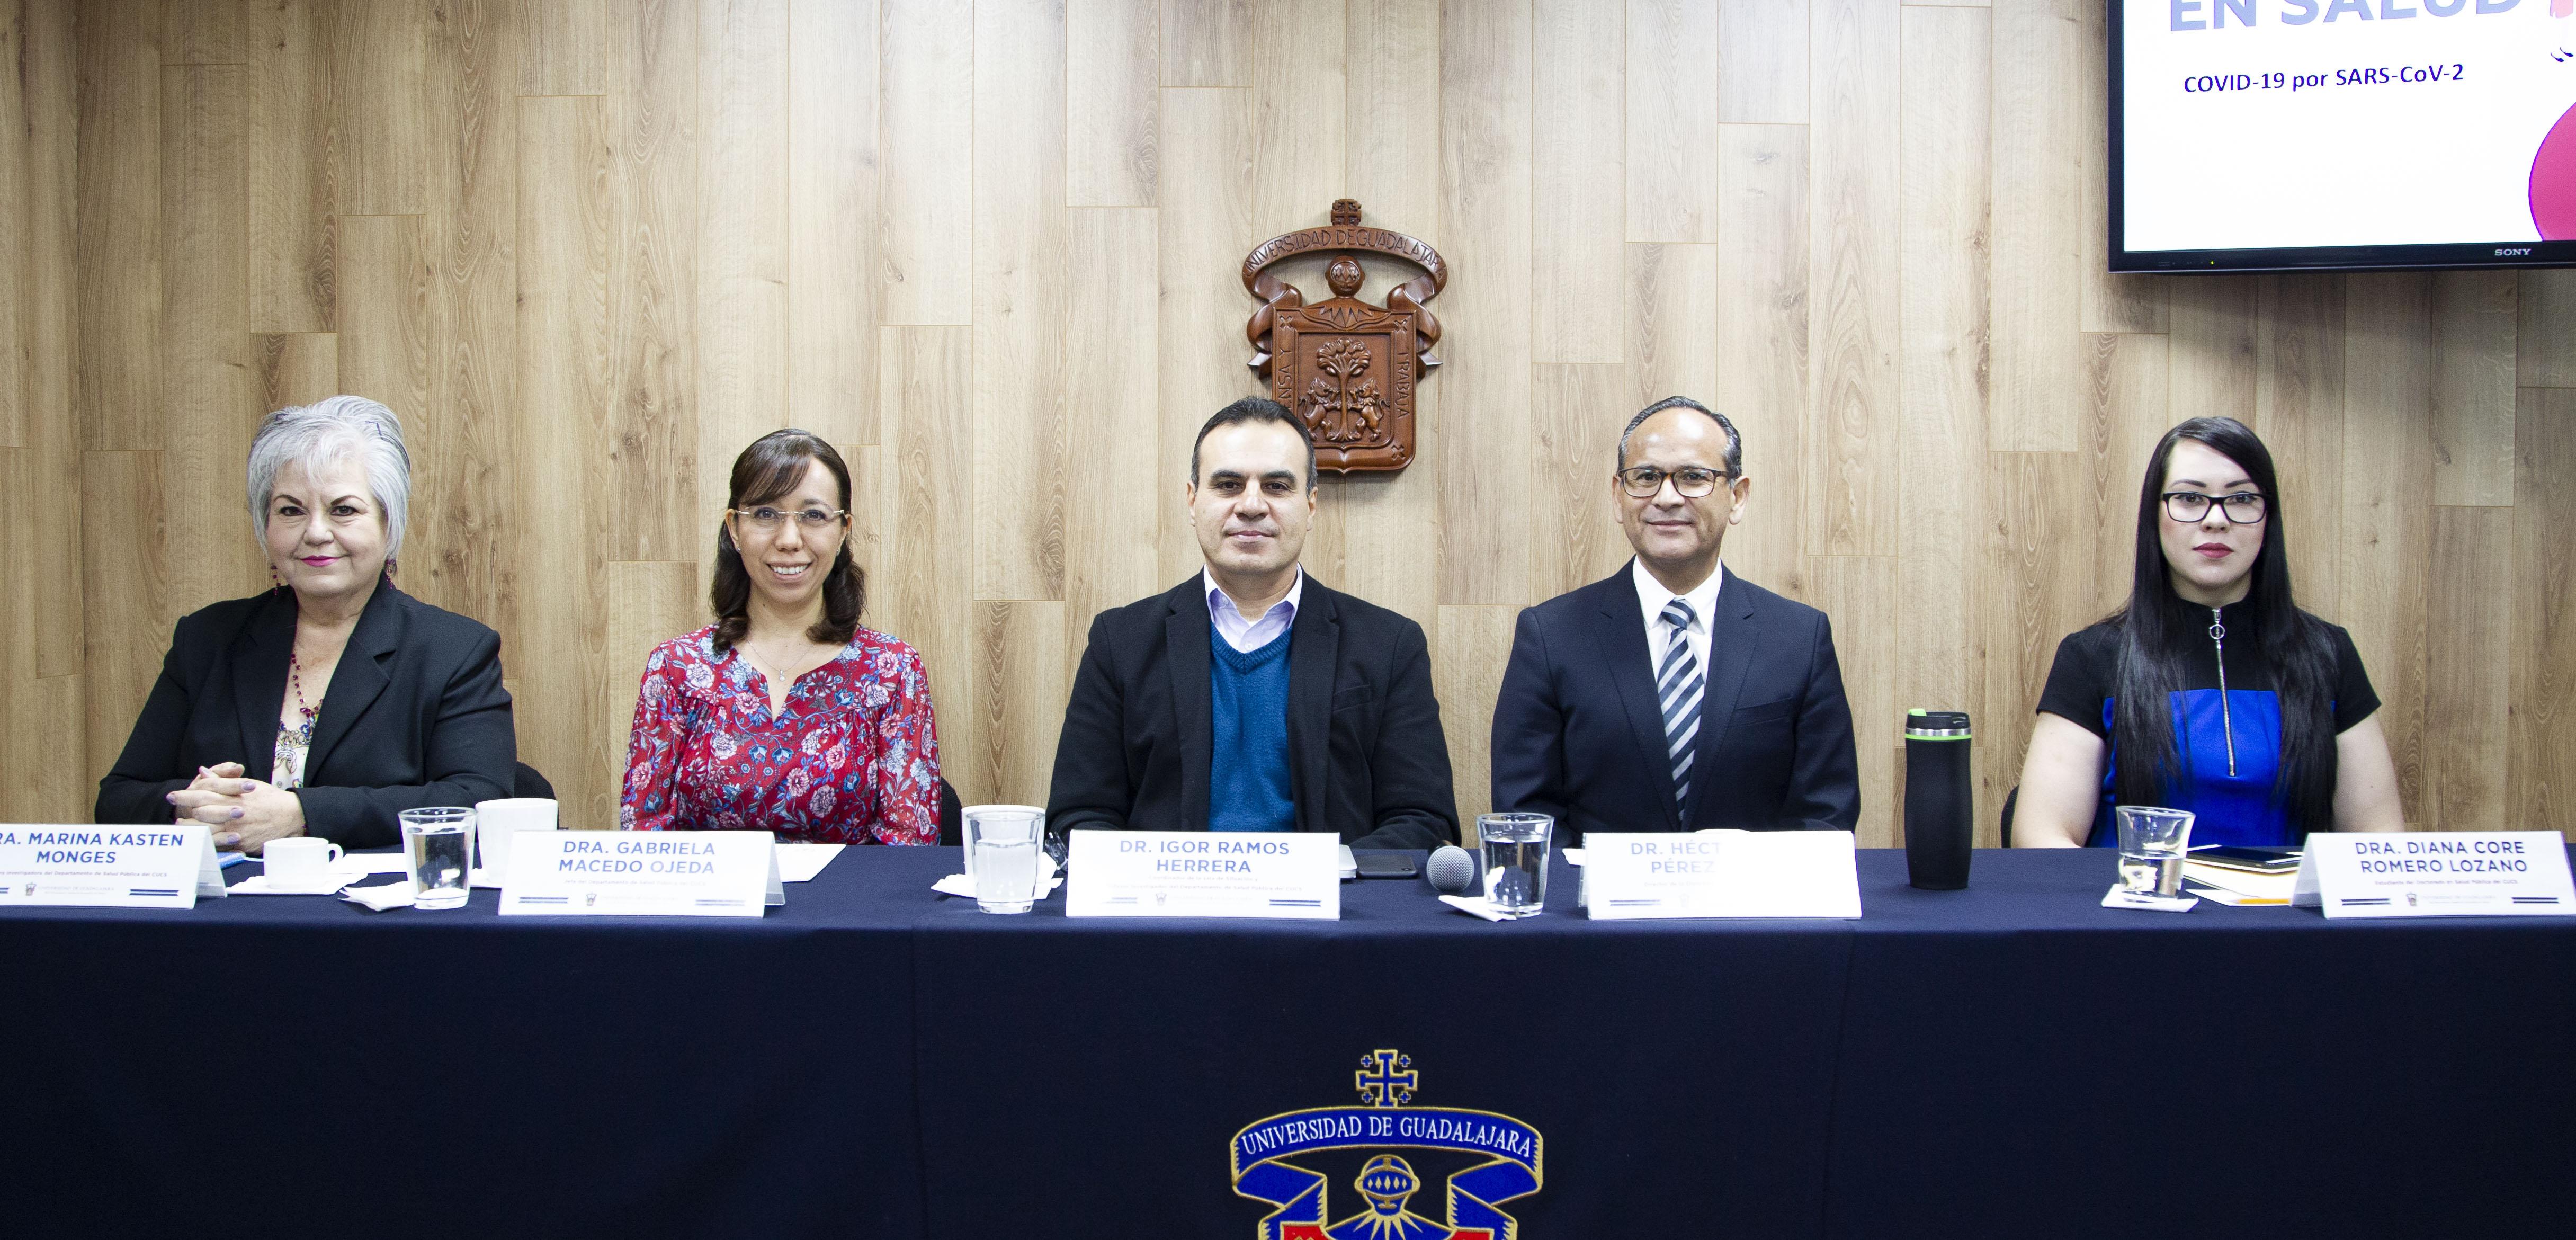 Miembros del presídium en la rueda de prensa